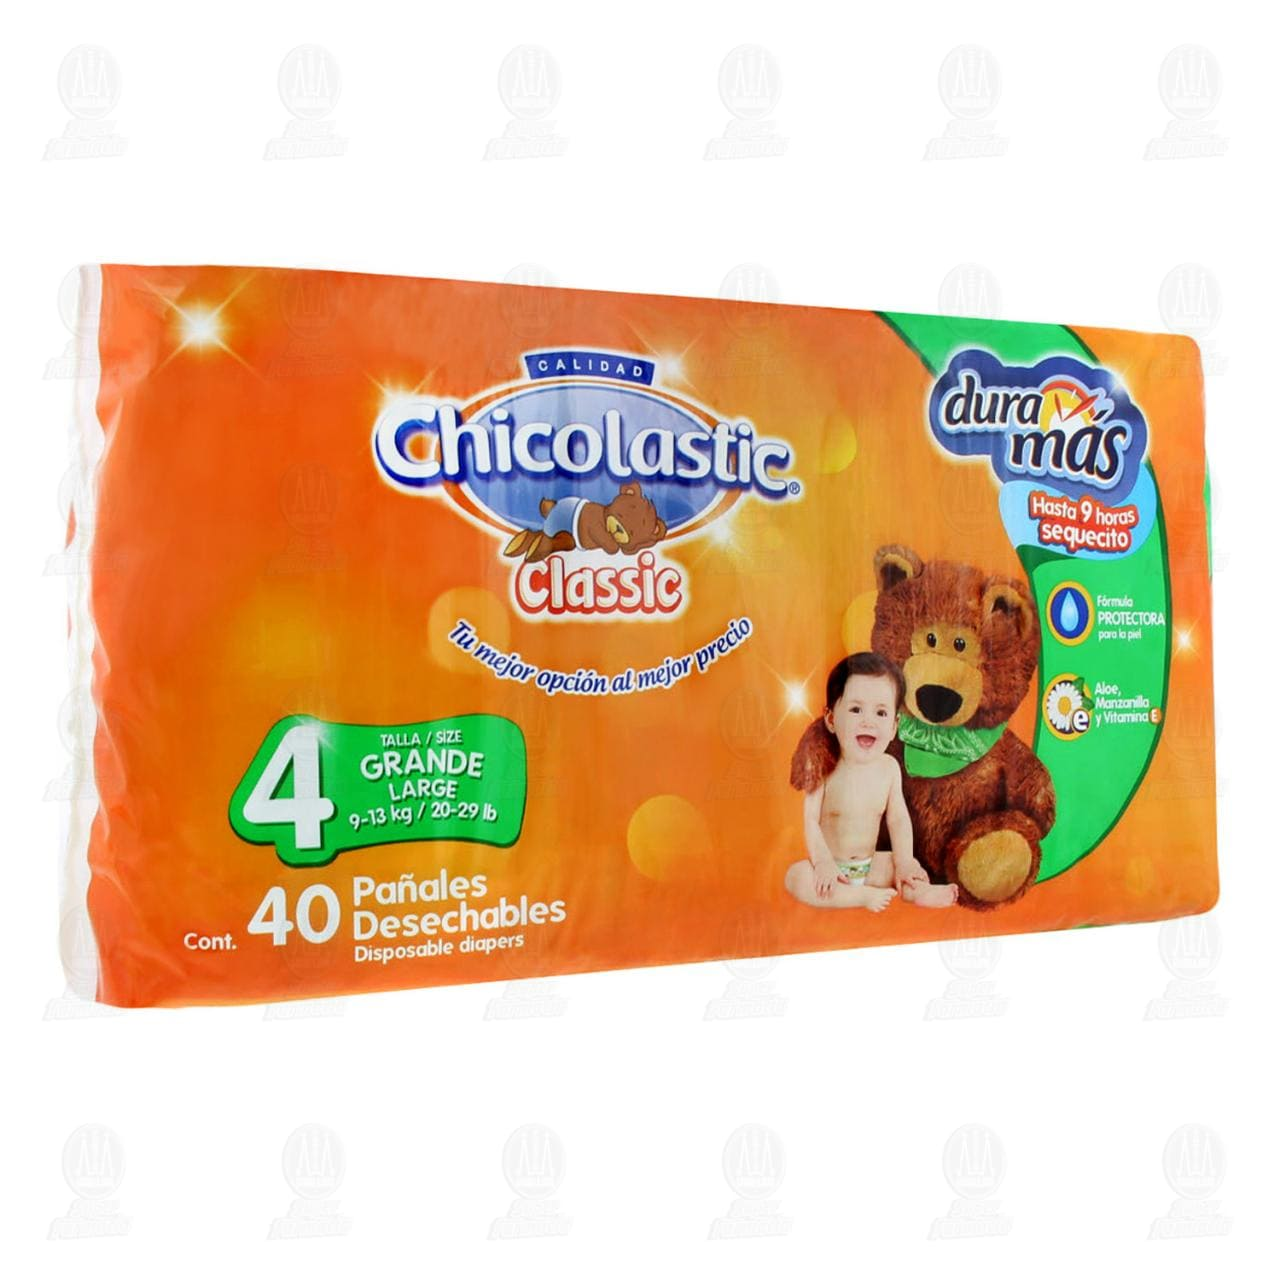 Comprar Pañales para Bebé Chicolastic Classic Desechables Unisex Talla 4 G, 40 pzas. en Farmacias Guadalajara